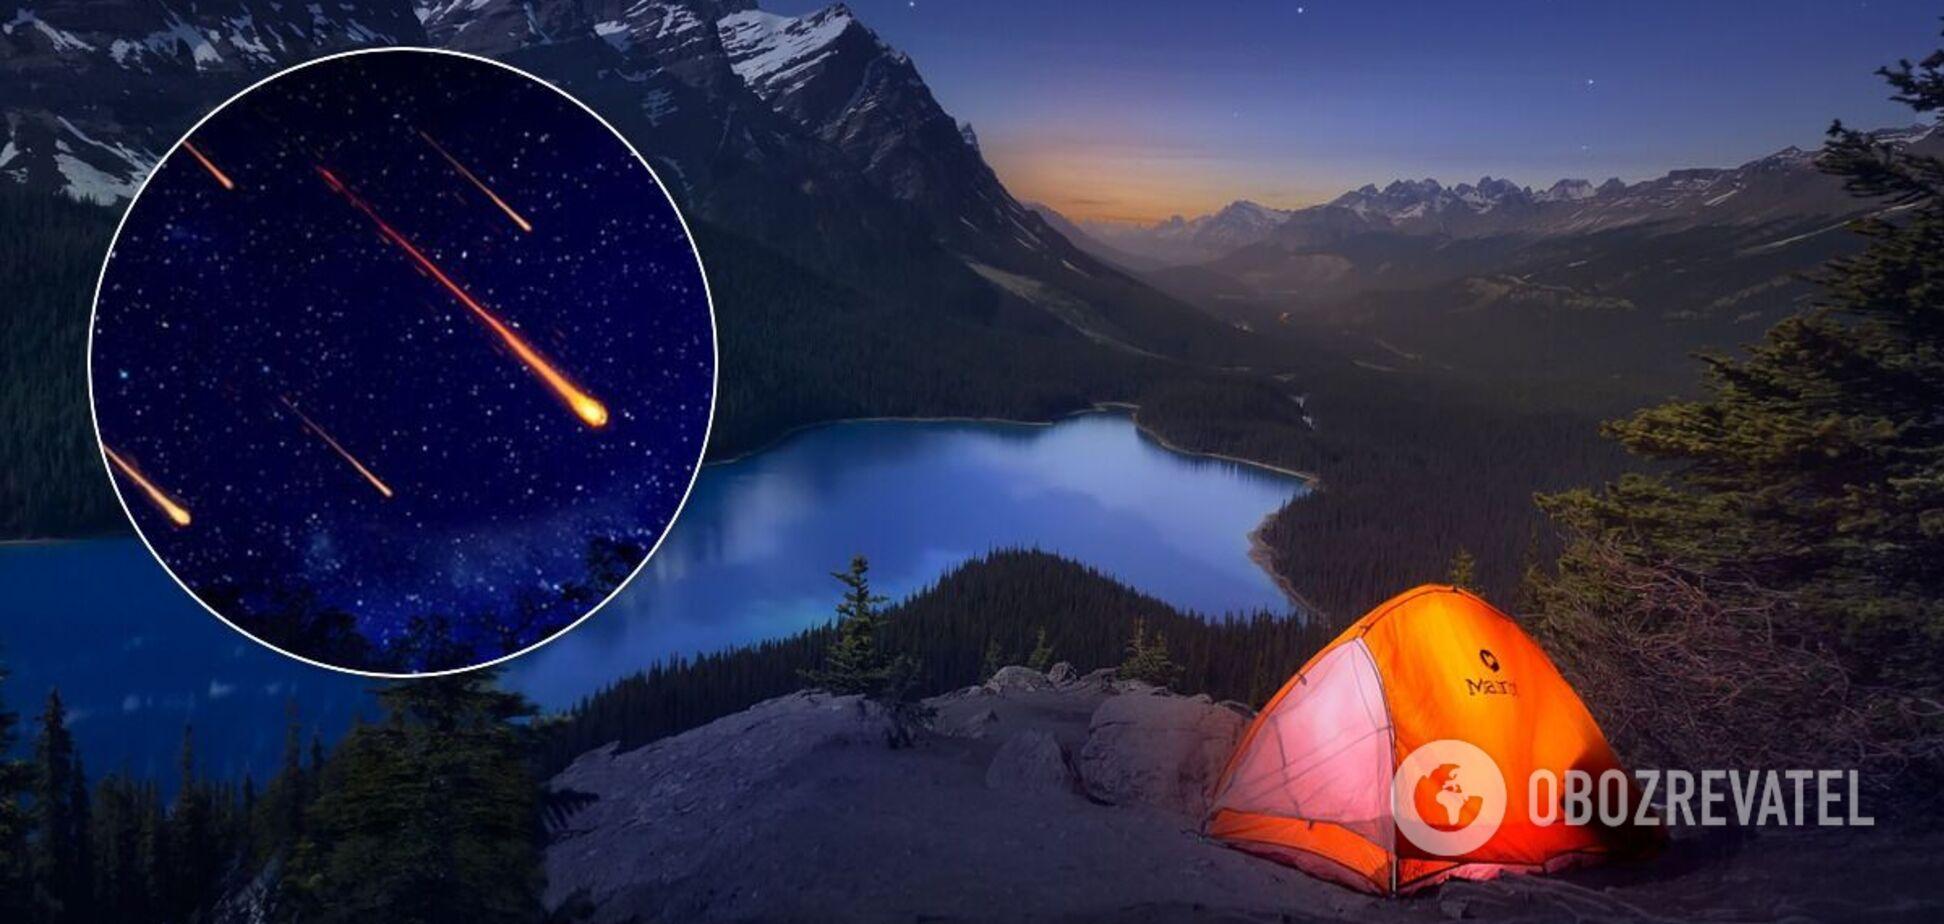 Падаючі зірки виконають бажання: астролог назвав спосіб